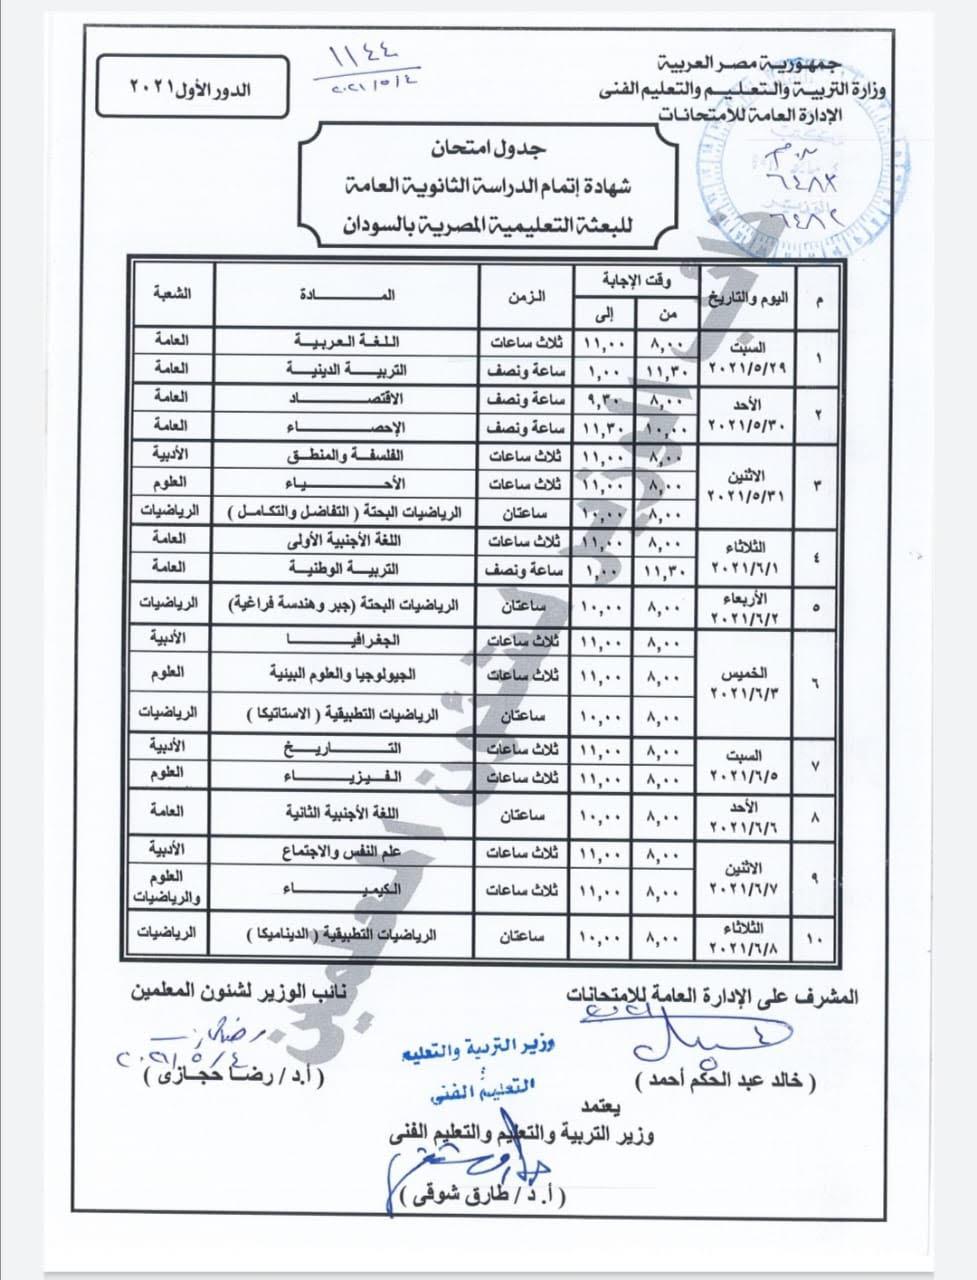 جدول امتحانات الثانوية العامة المصرية بالسودان 2021  22495